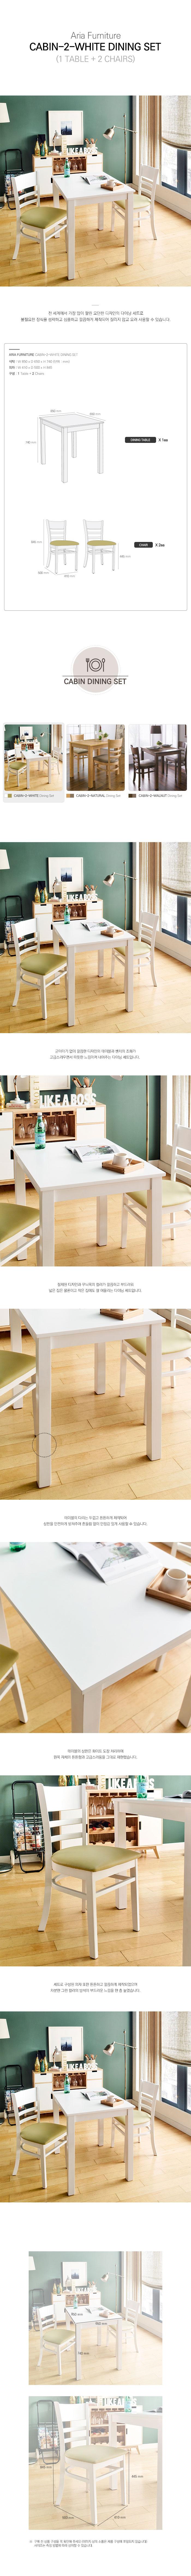 Cabin-2-White-D-Dining-set_181101.jpg